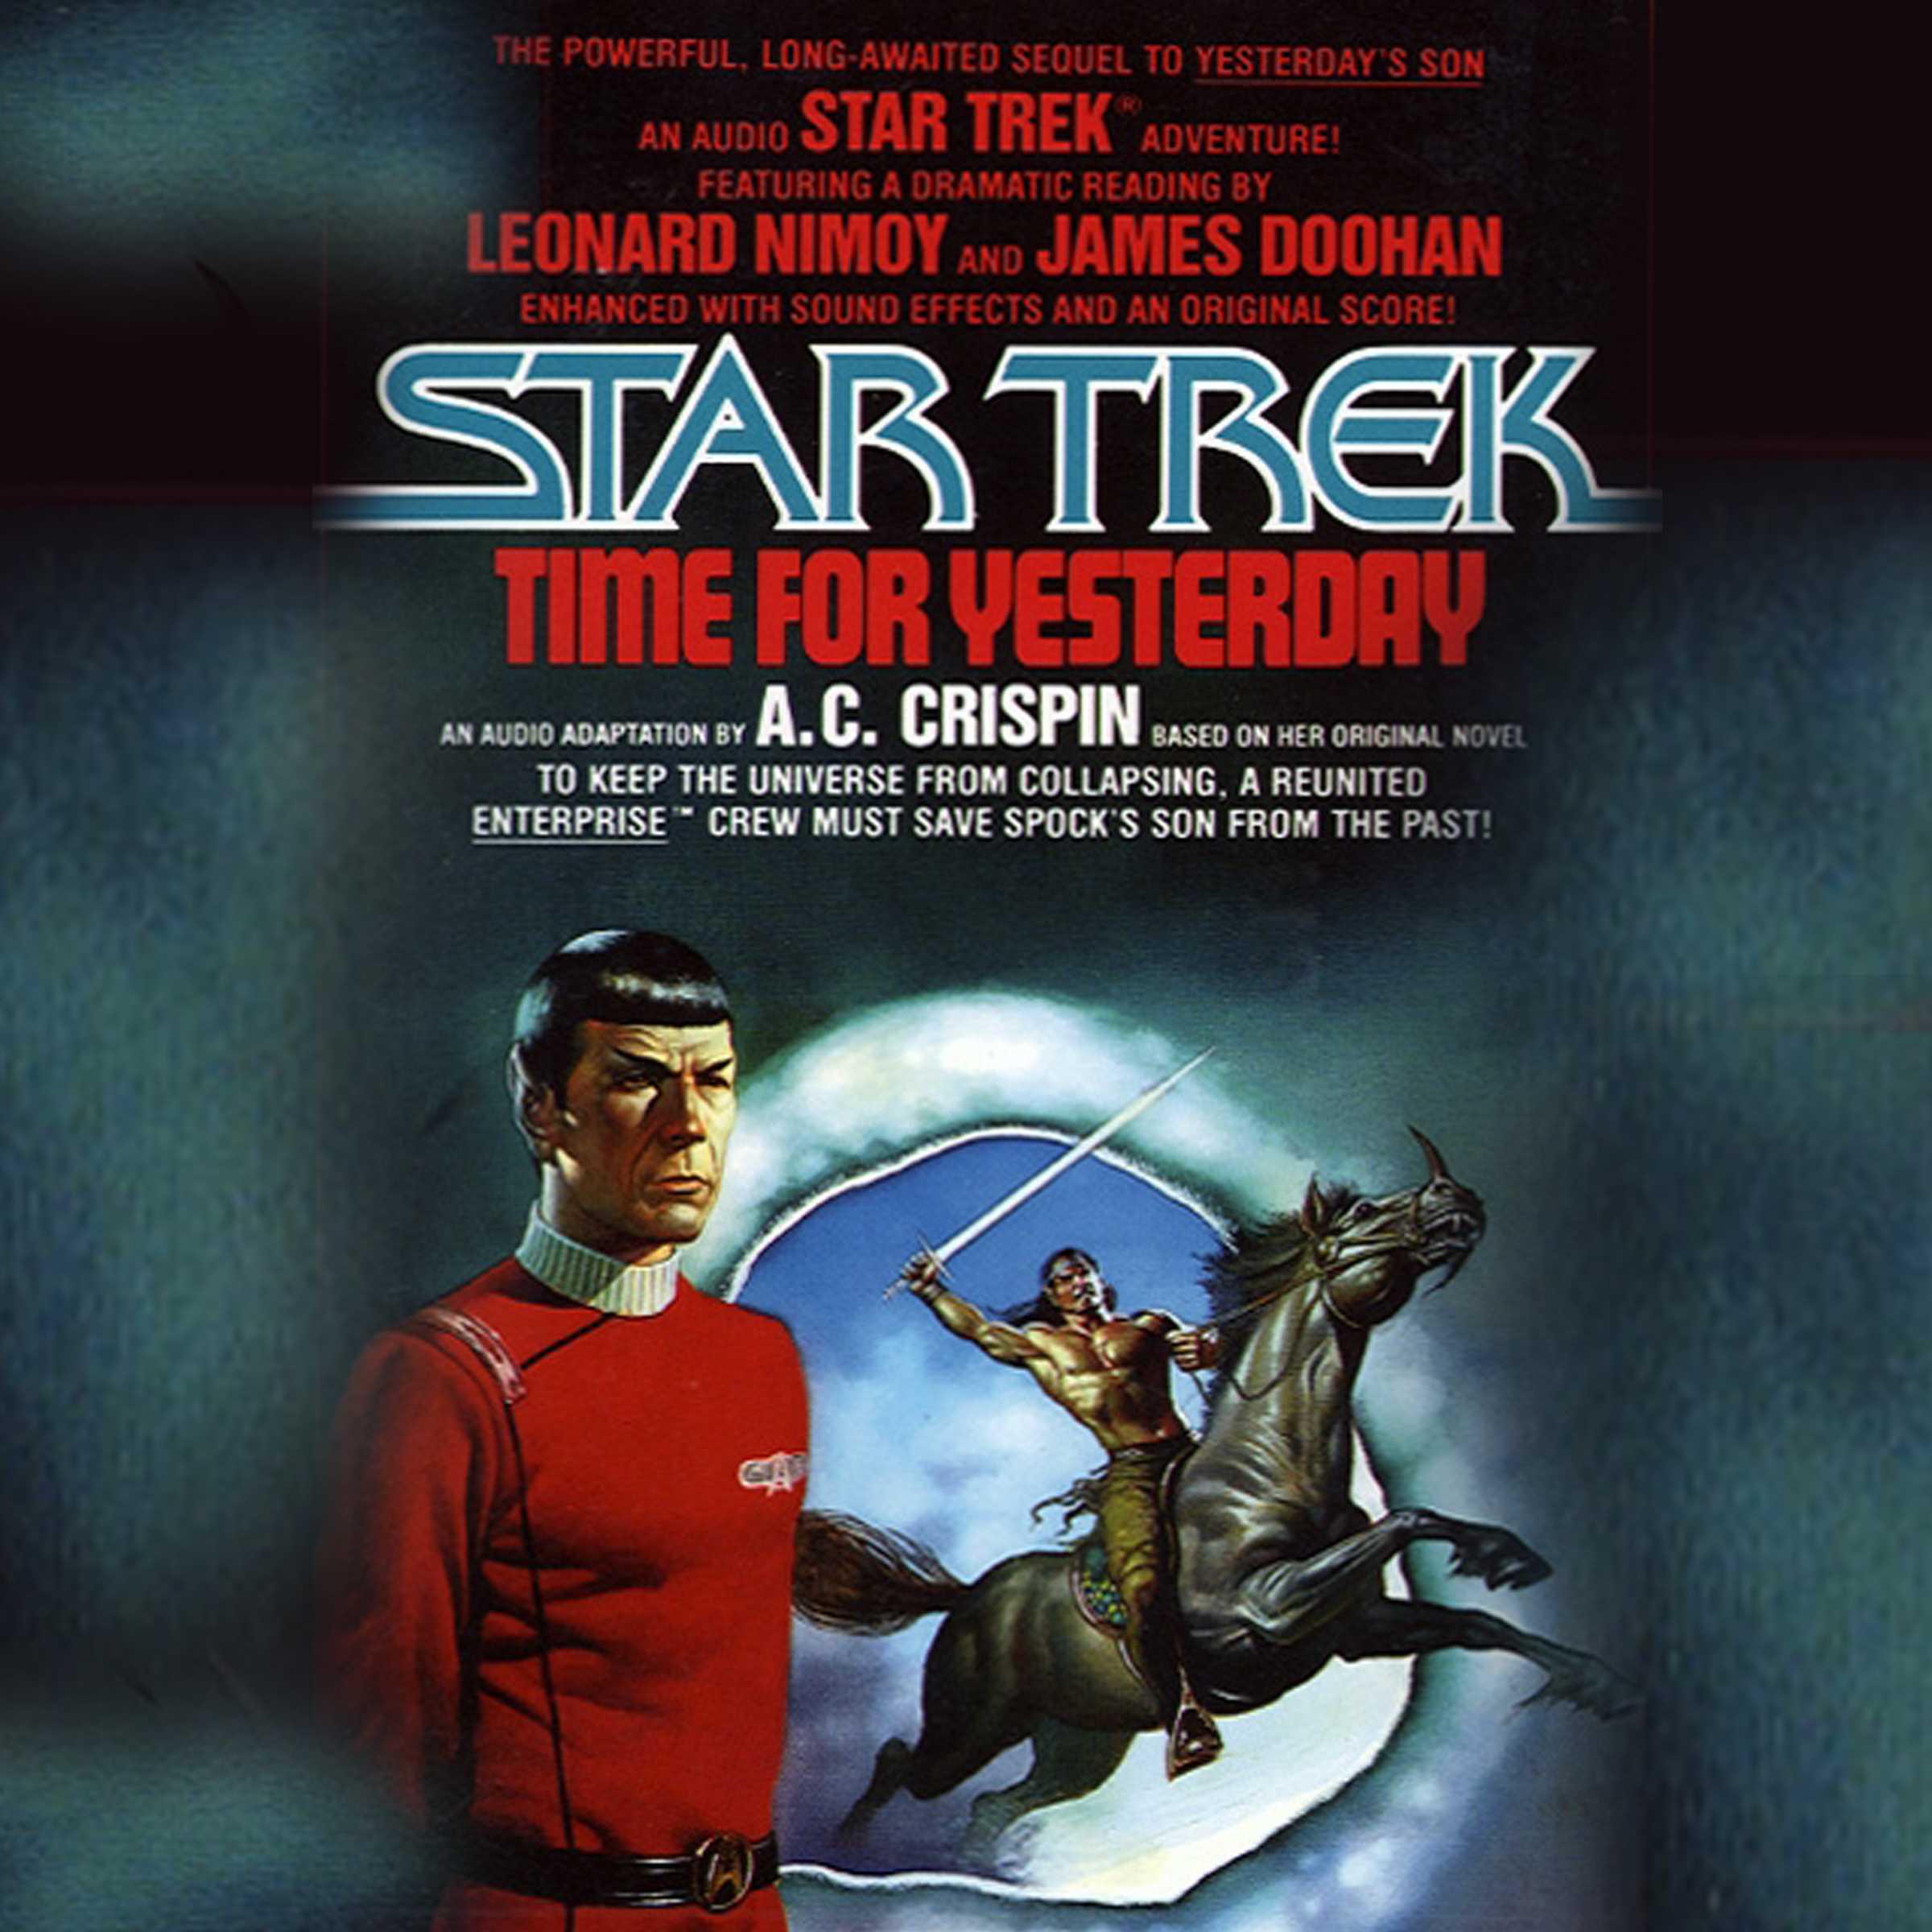 Star trek time for yesterday 9780743545396 hr